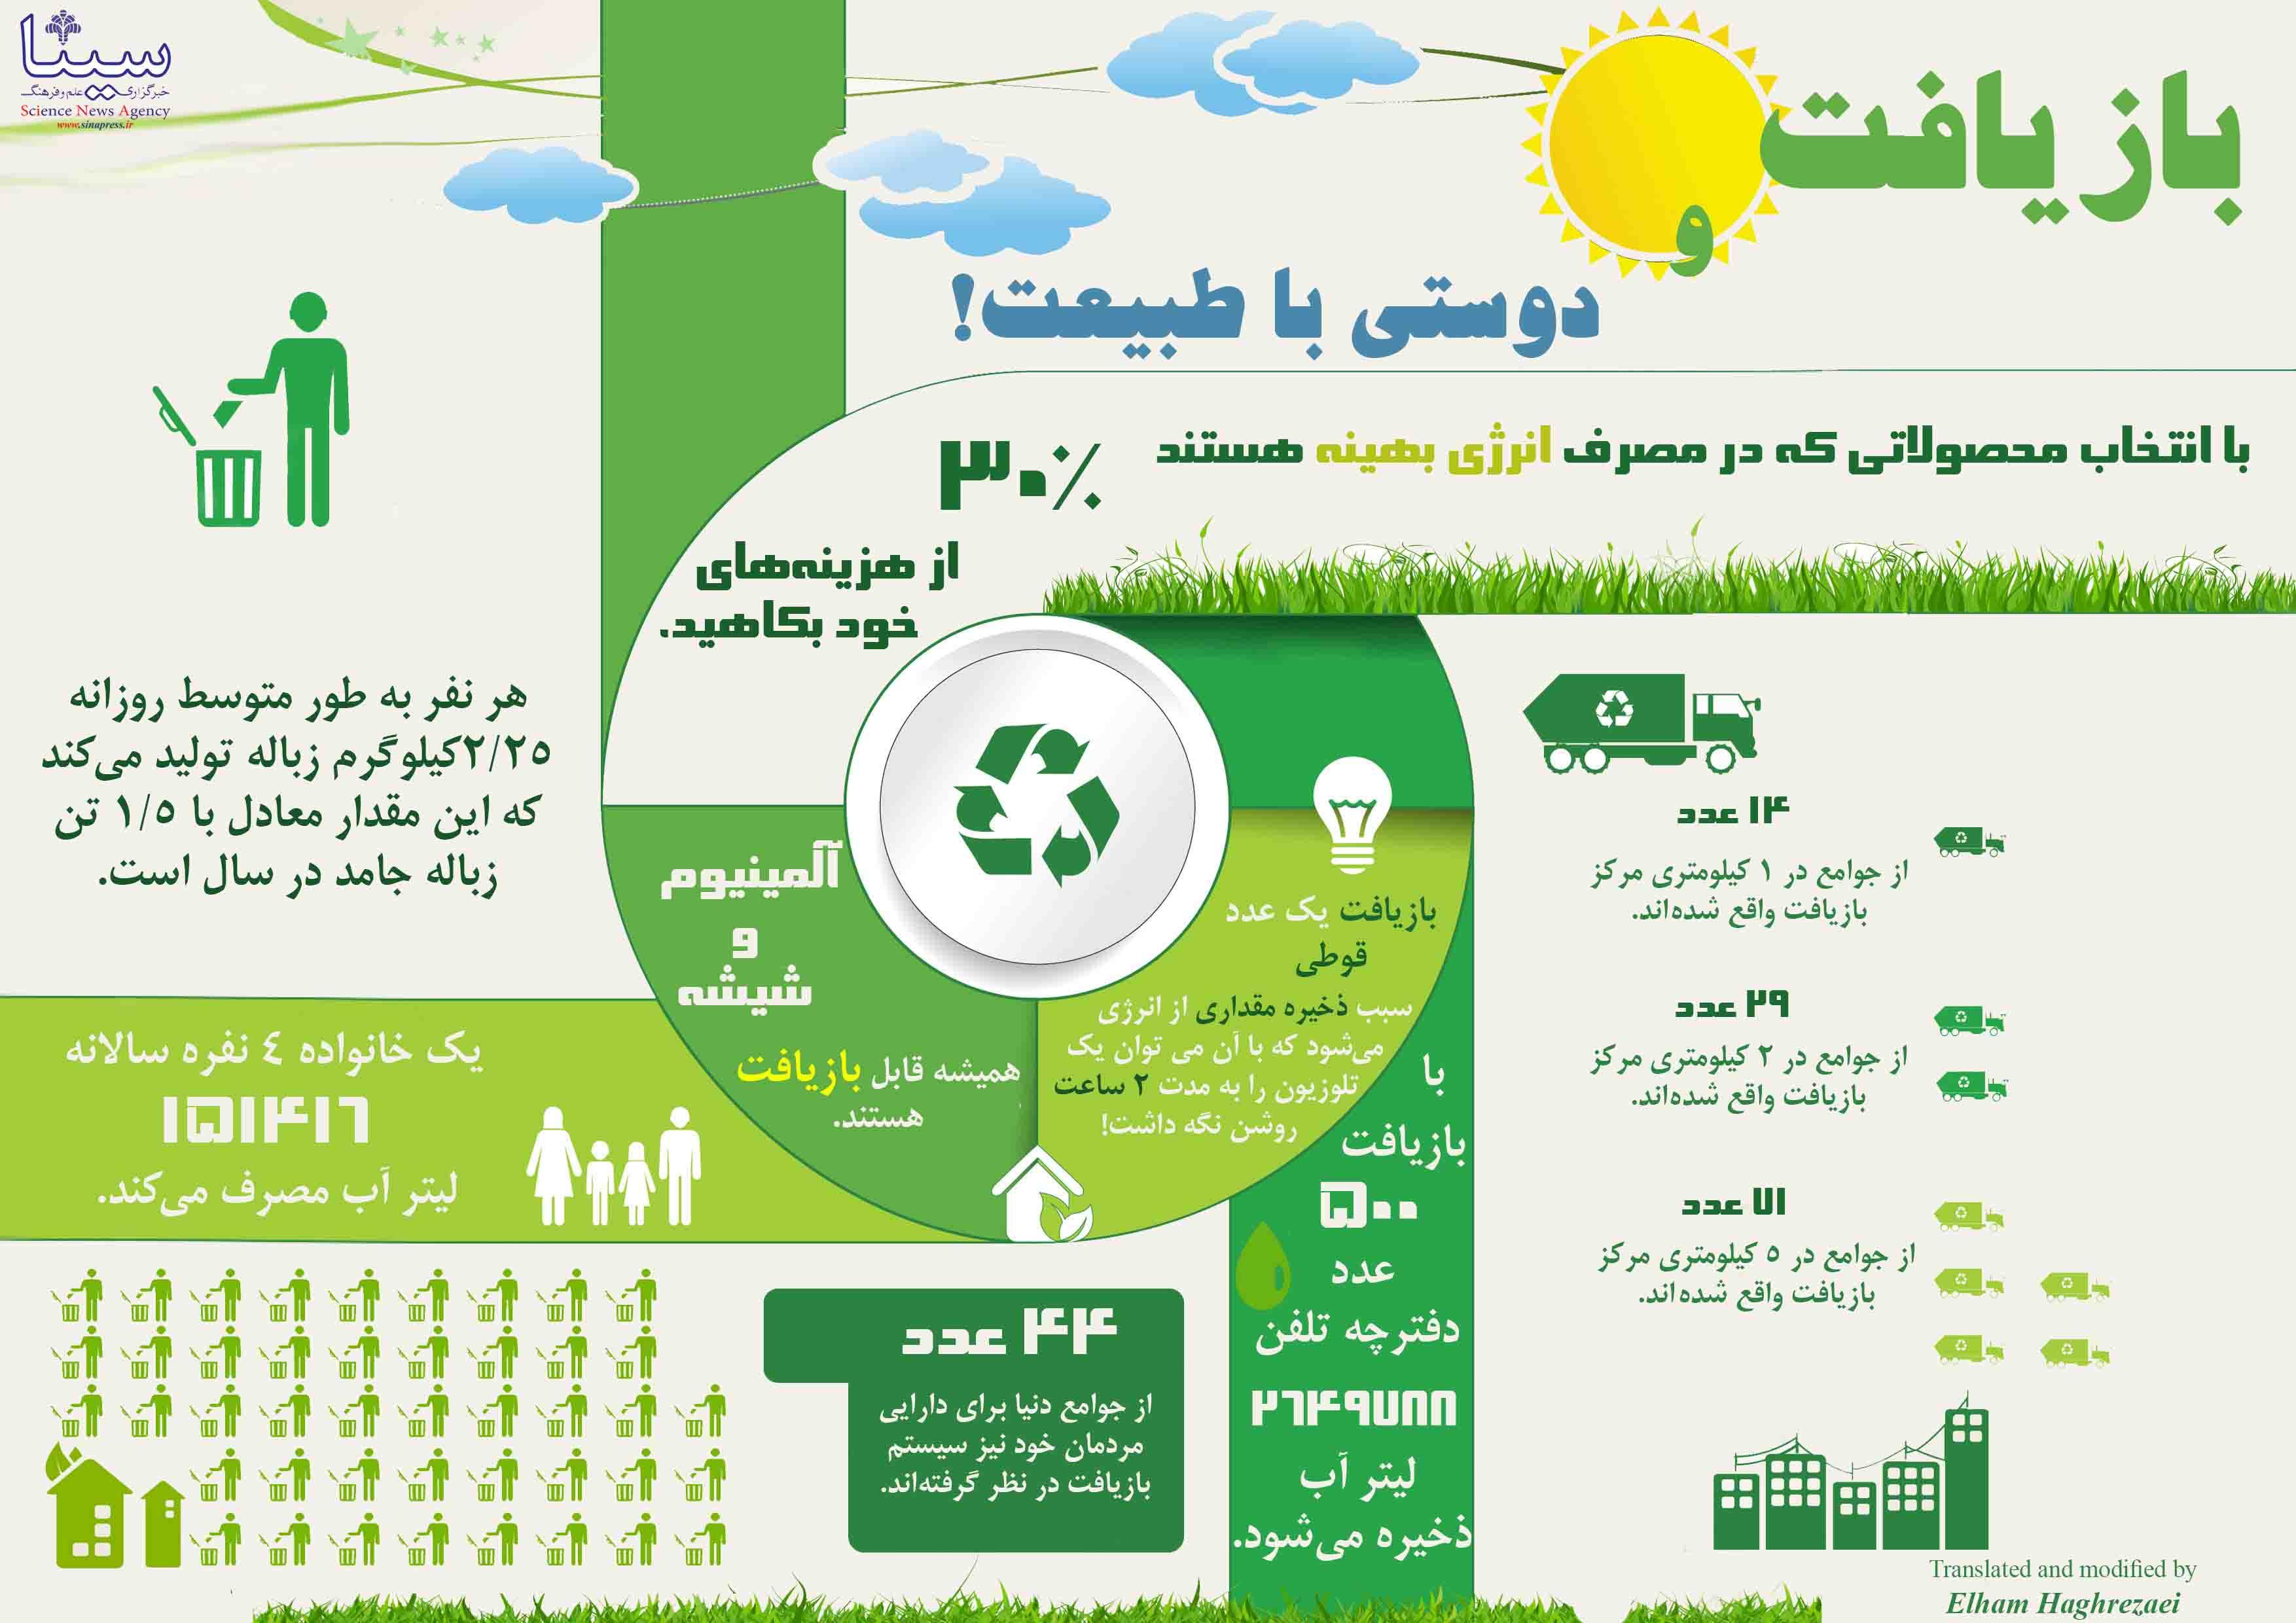 بازیافت و دوستی با طبیعت